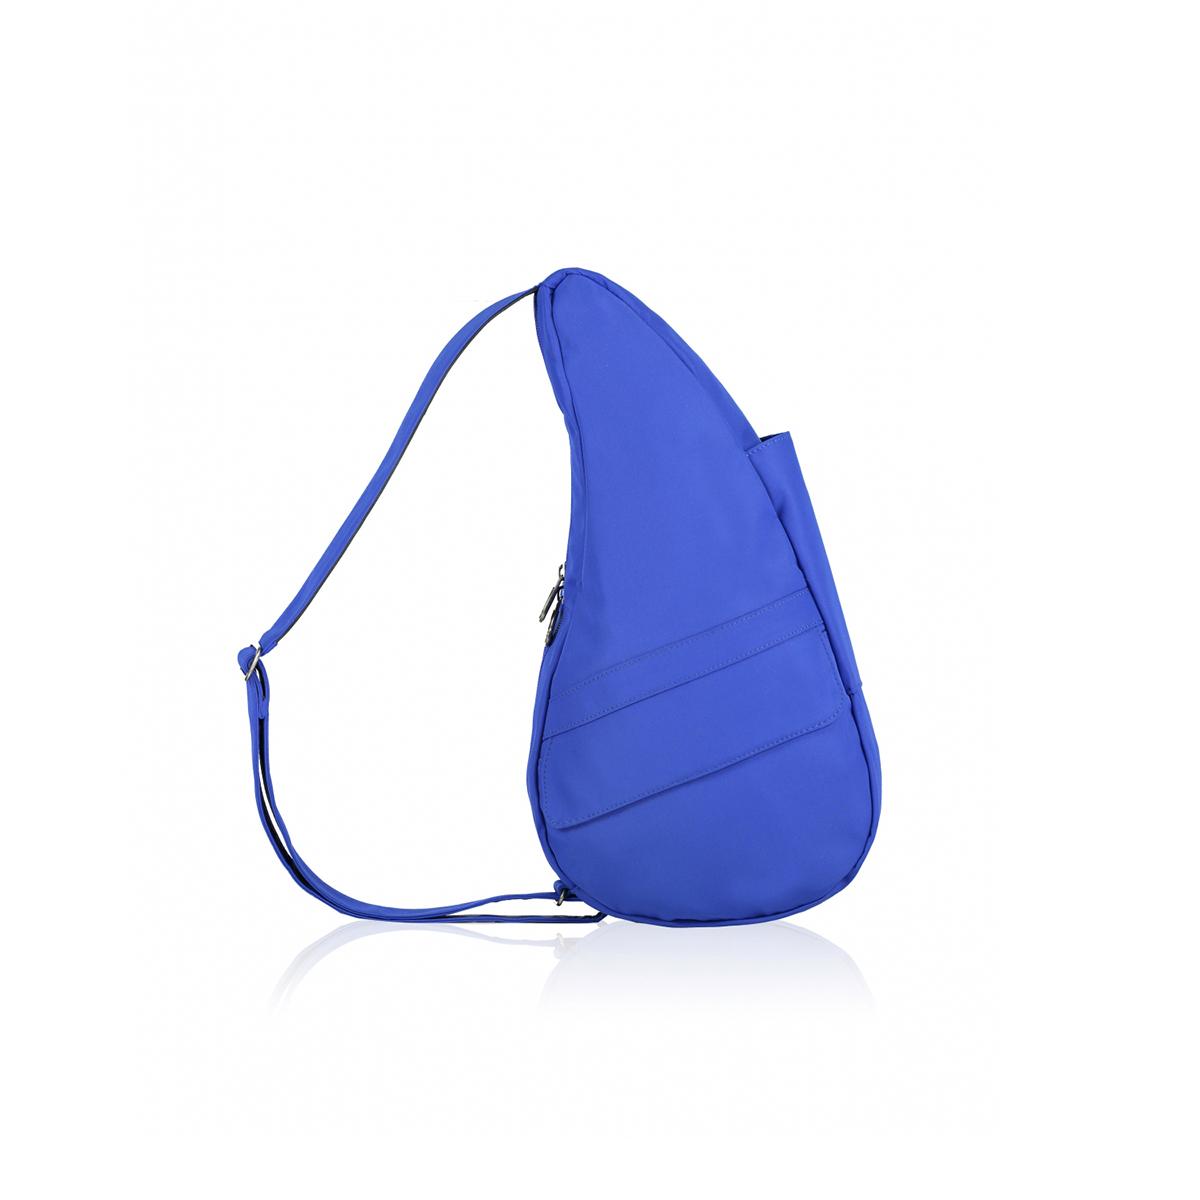 Healthy Back Bag/ヘルシーバックバッグ/ショルダーバッグ/ボディバッグ/旅行バッグ/軽量/レディース/メンズ 公式ストア ヘルシーバックバッグ マイクロファイバー Sサイズモザイクブルー